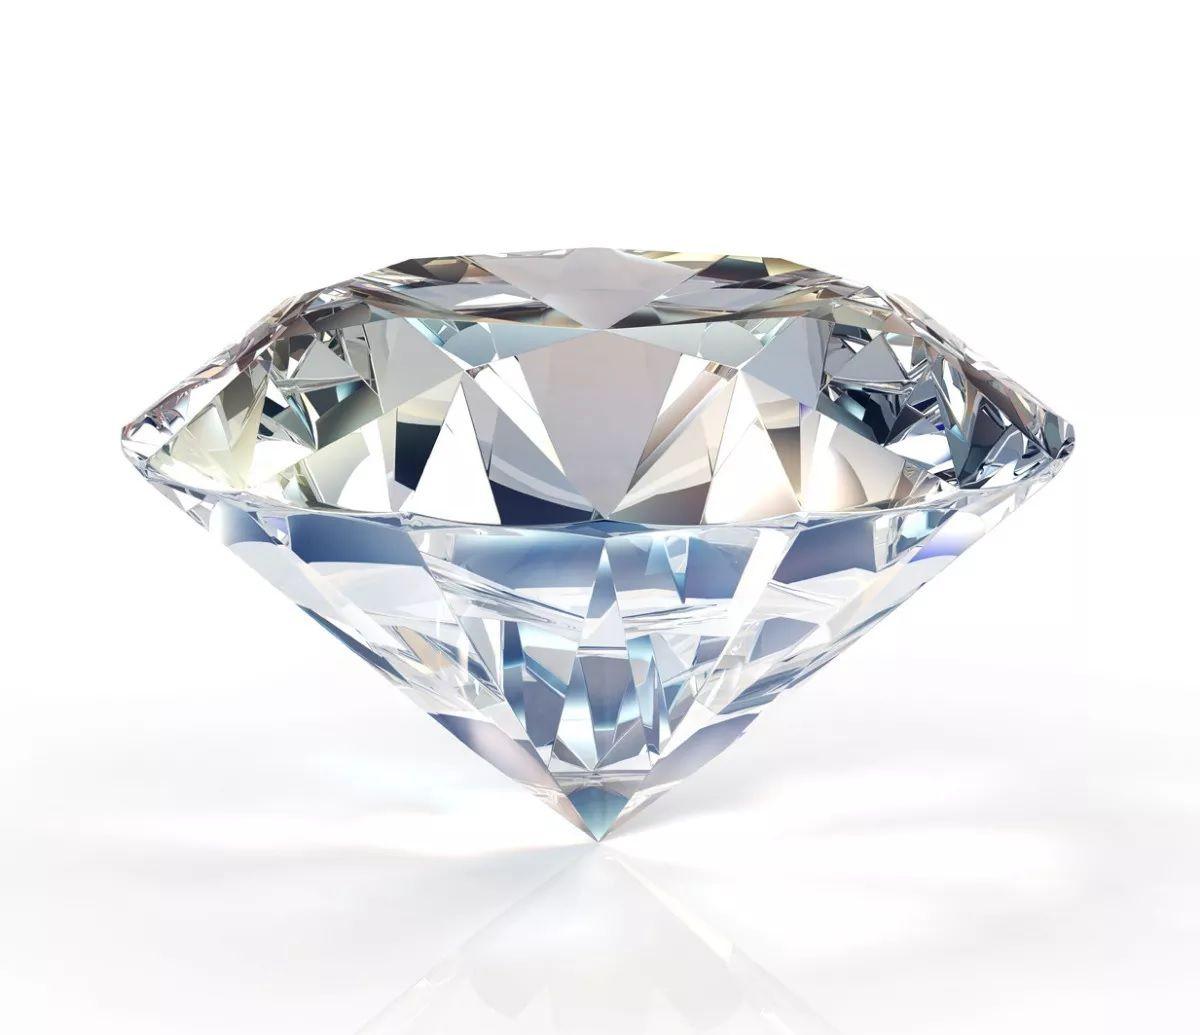 Diamante médio para tirar foto de unhas